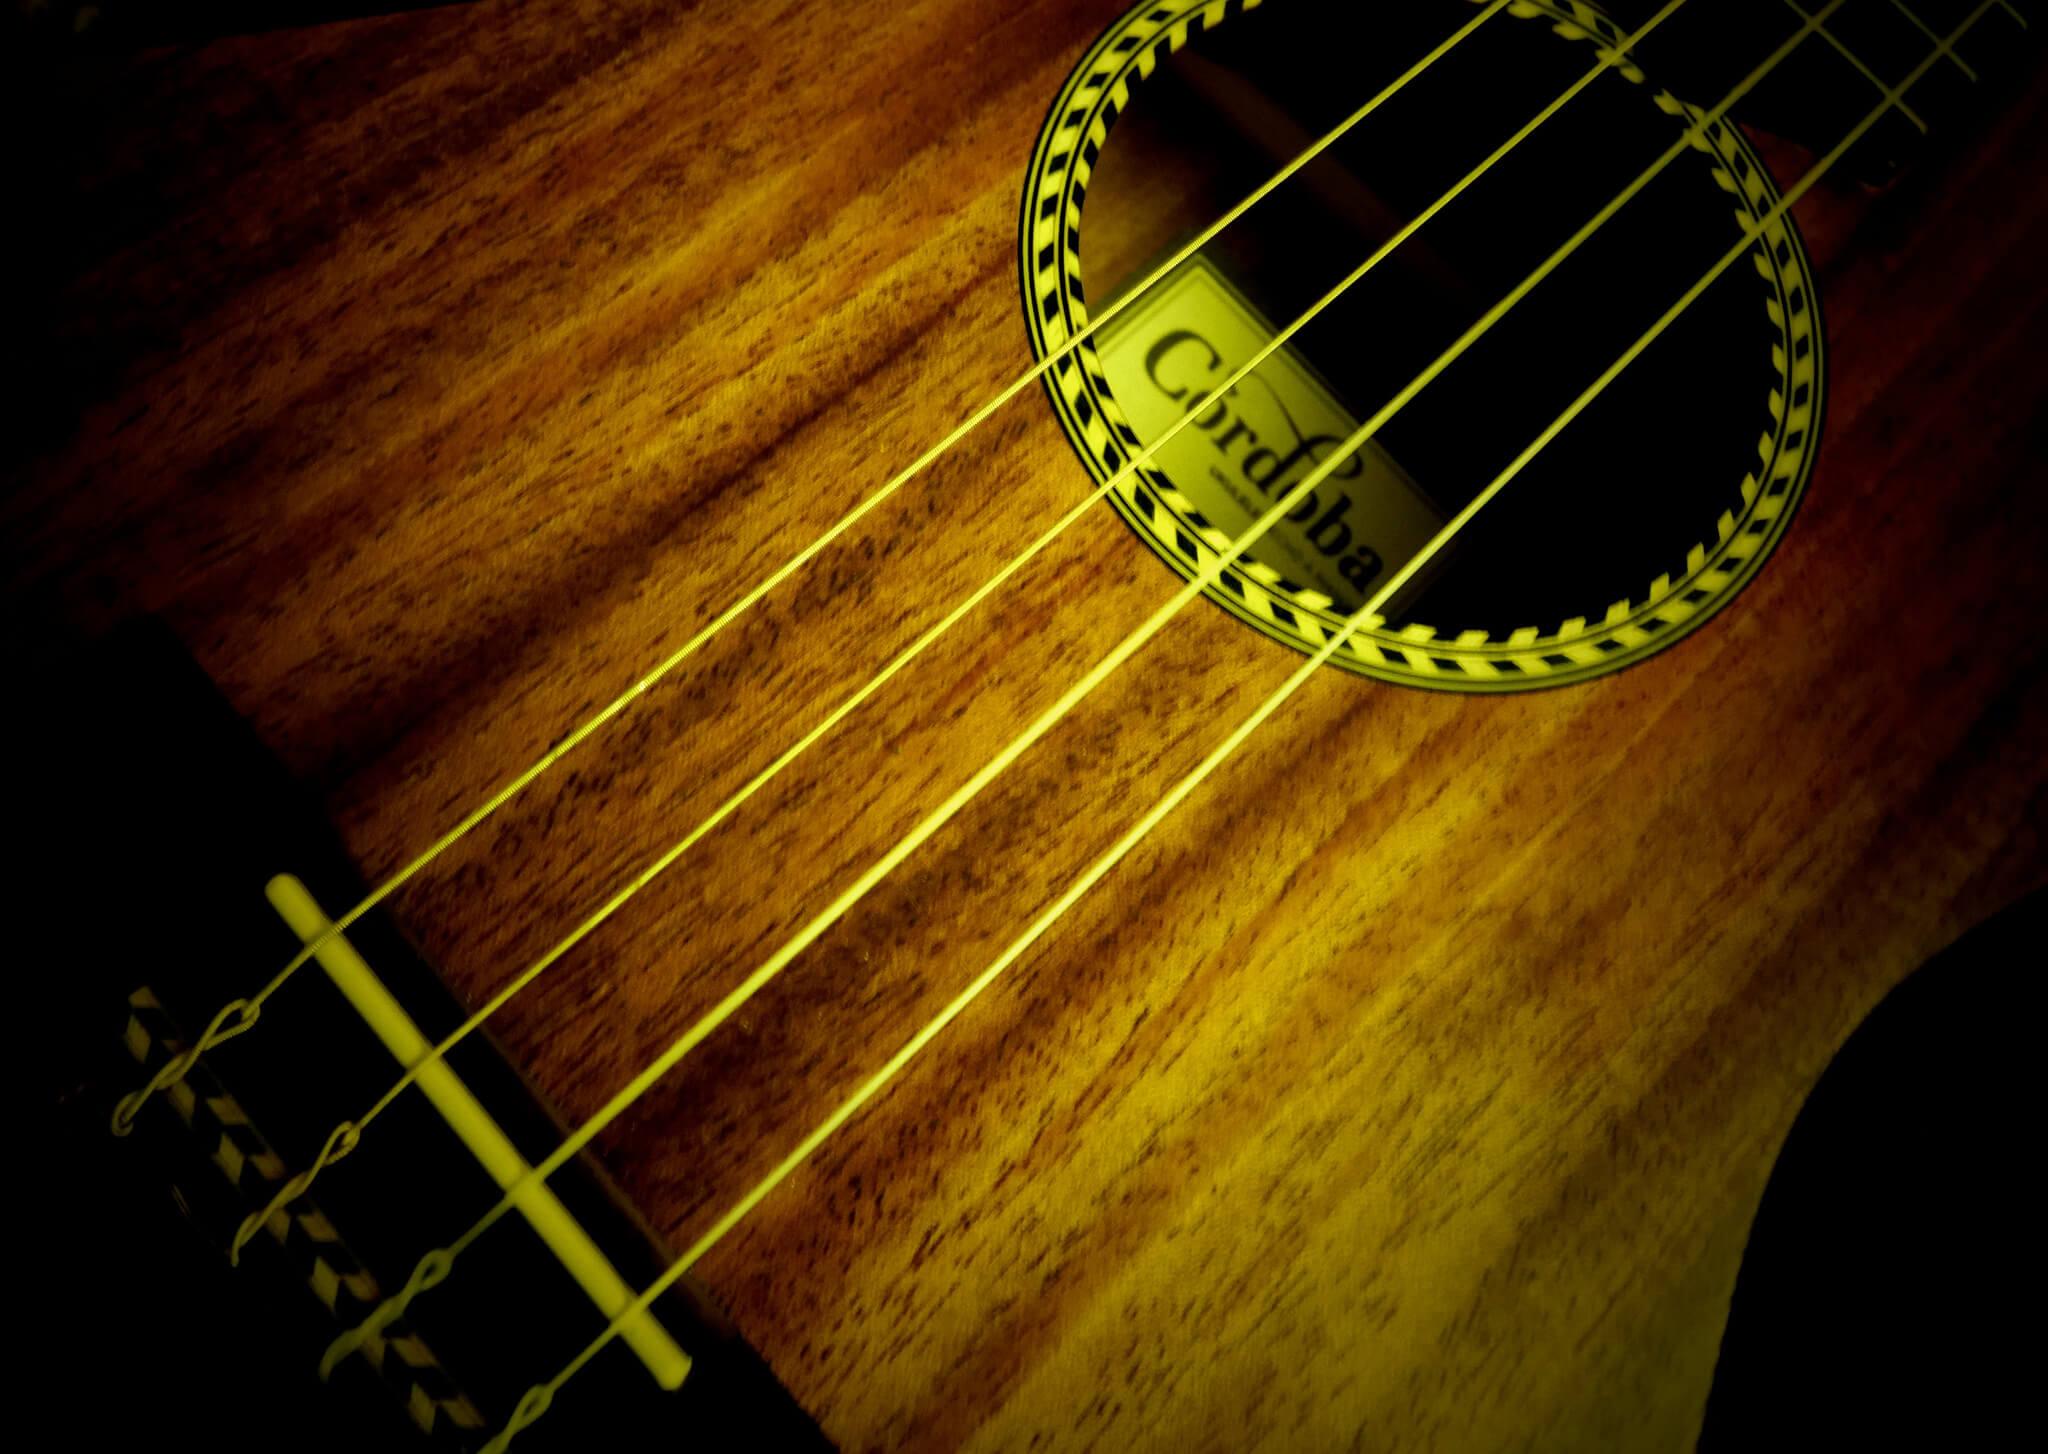 dark side ukulele